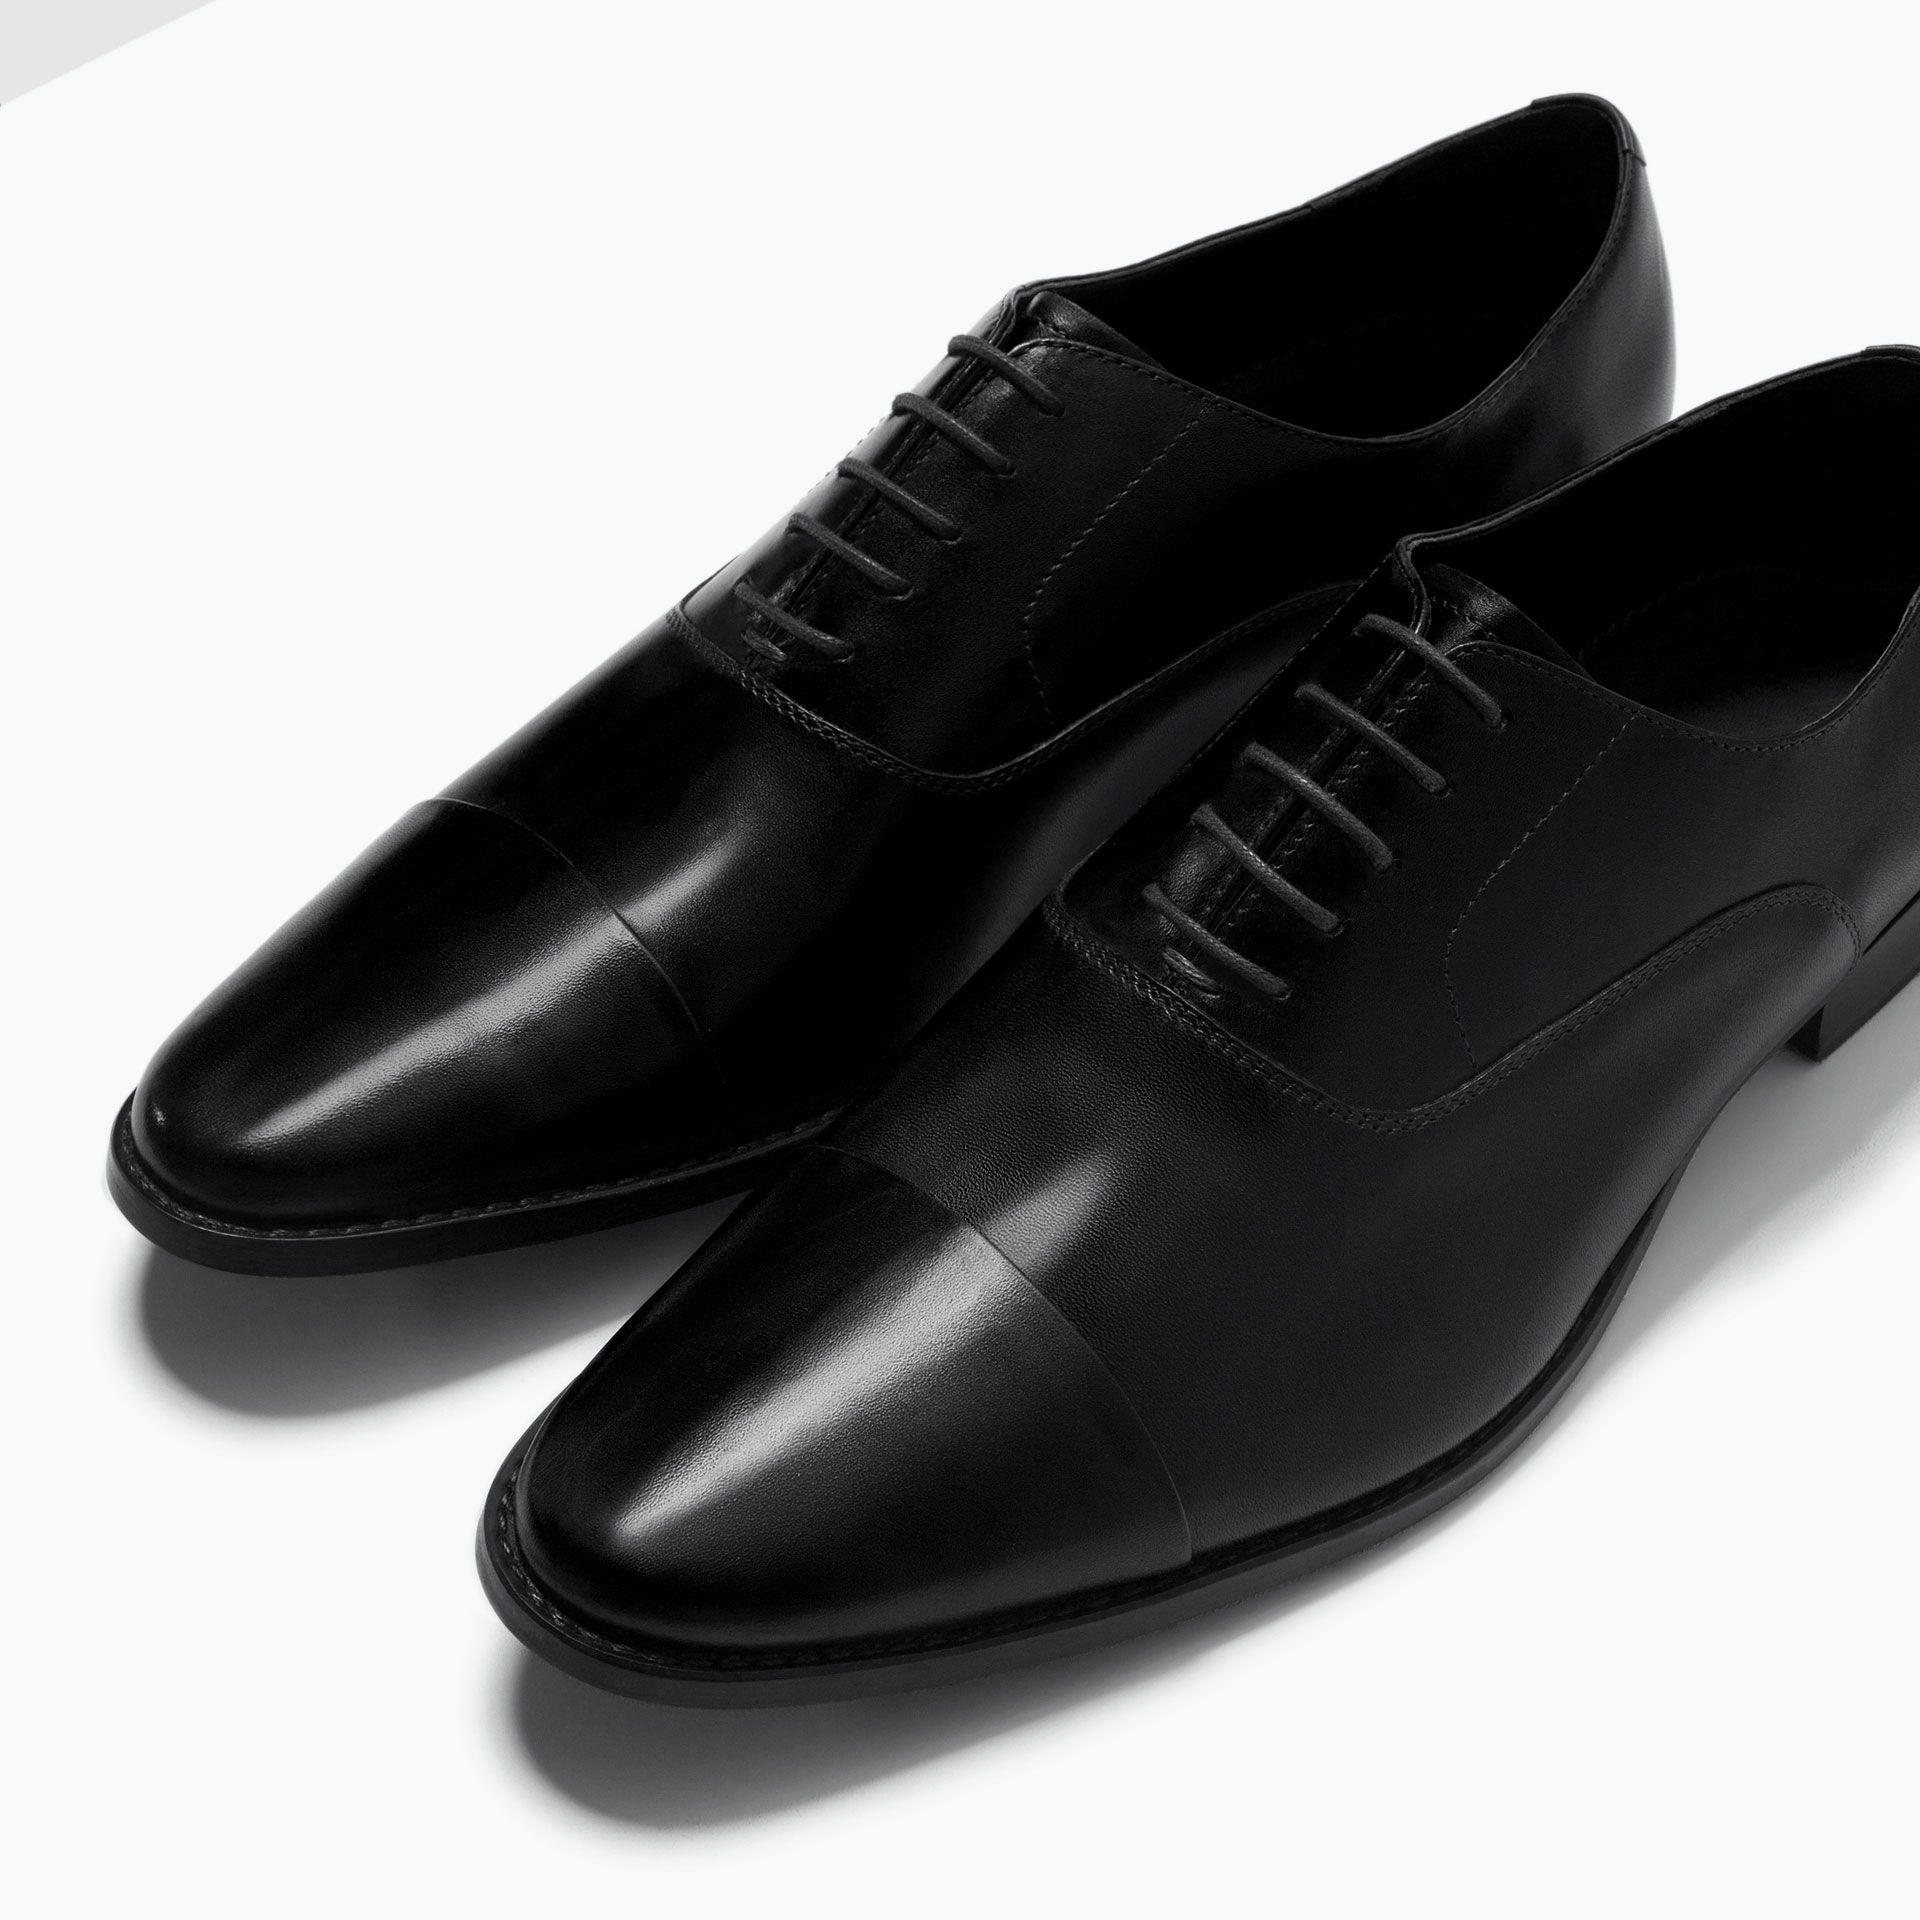 ZAPATO INGLÉS PIEL VESTIR Ver todo Zapatos HOMBRE